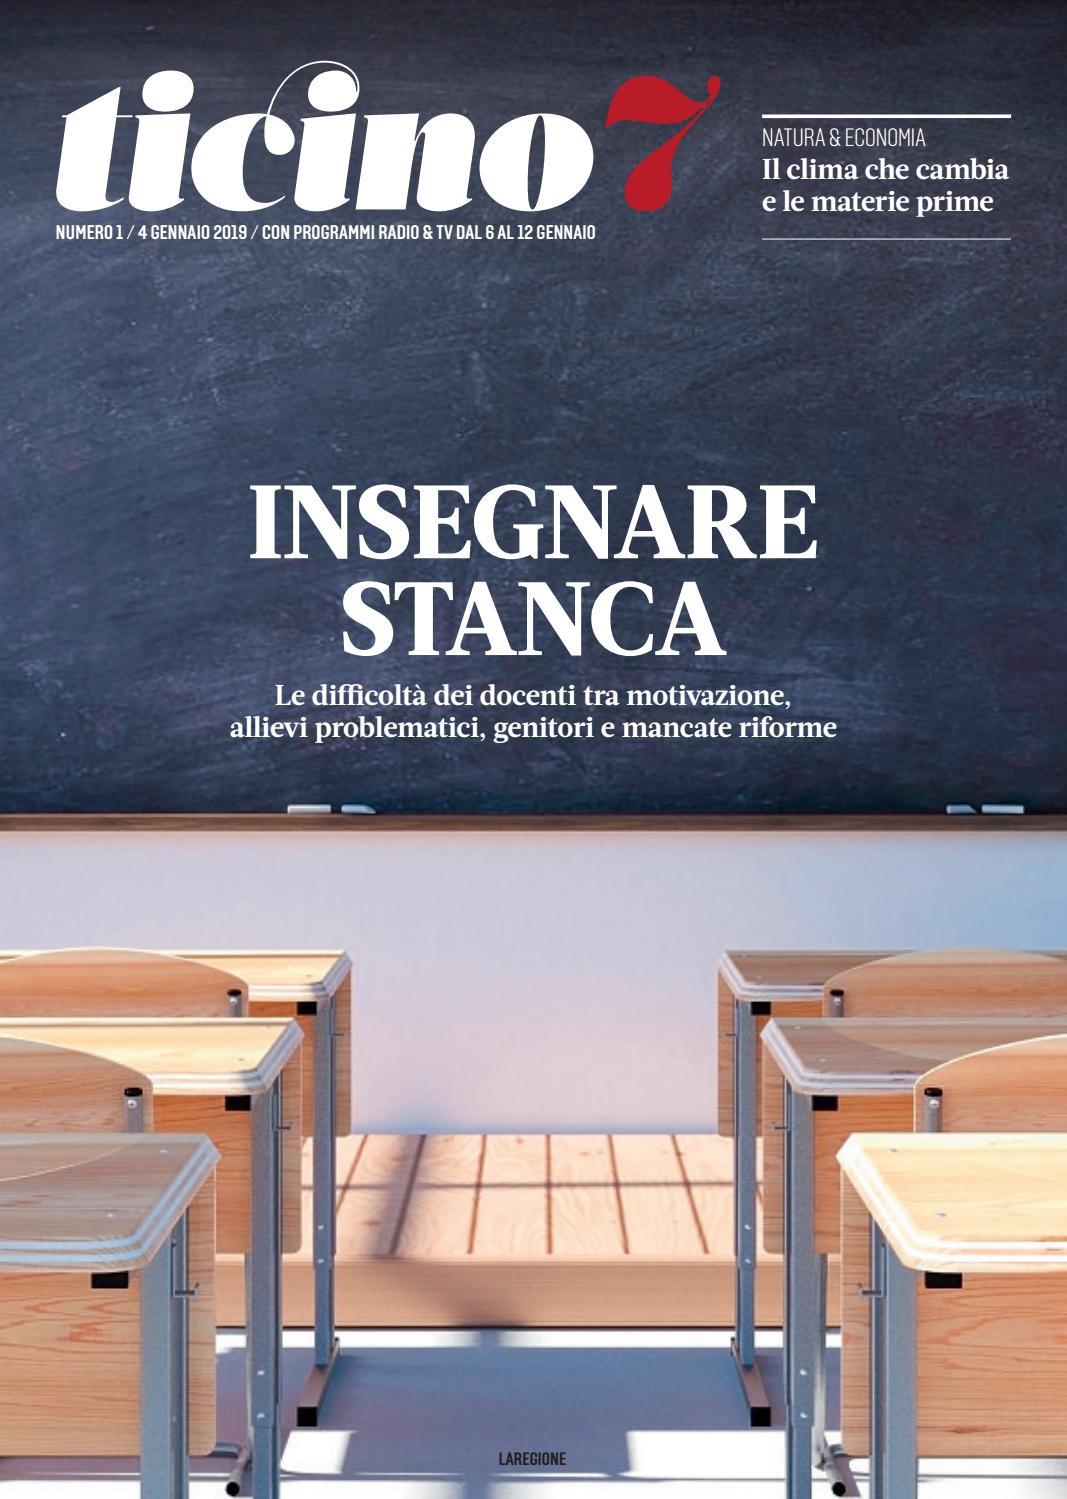 Ticino 7 N01 by laRegione issuu